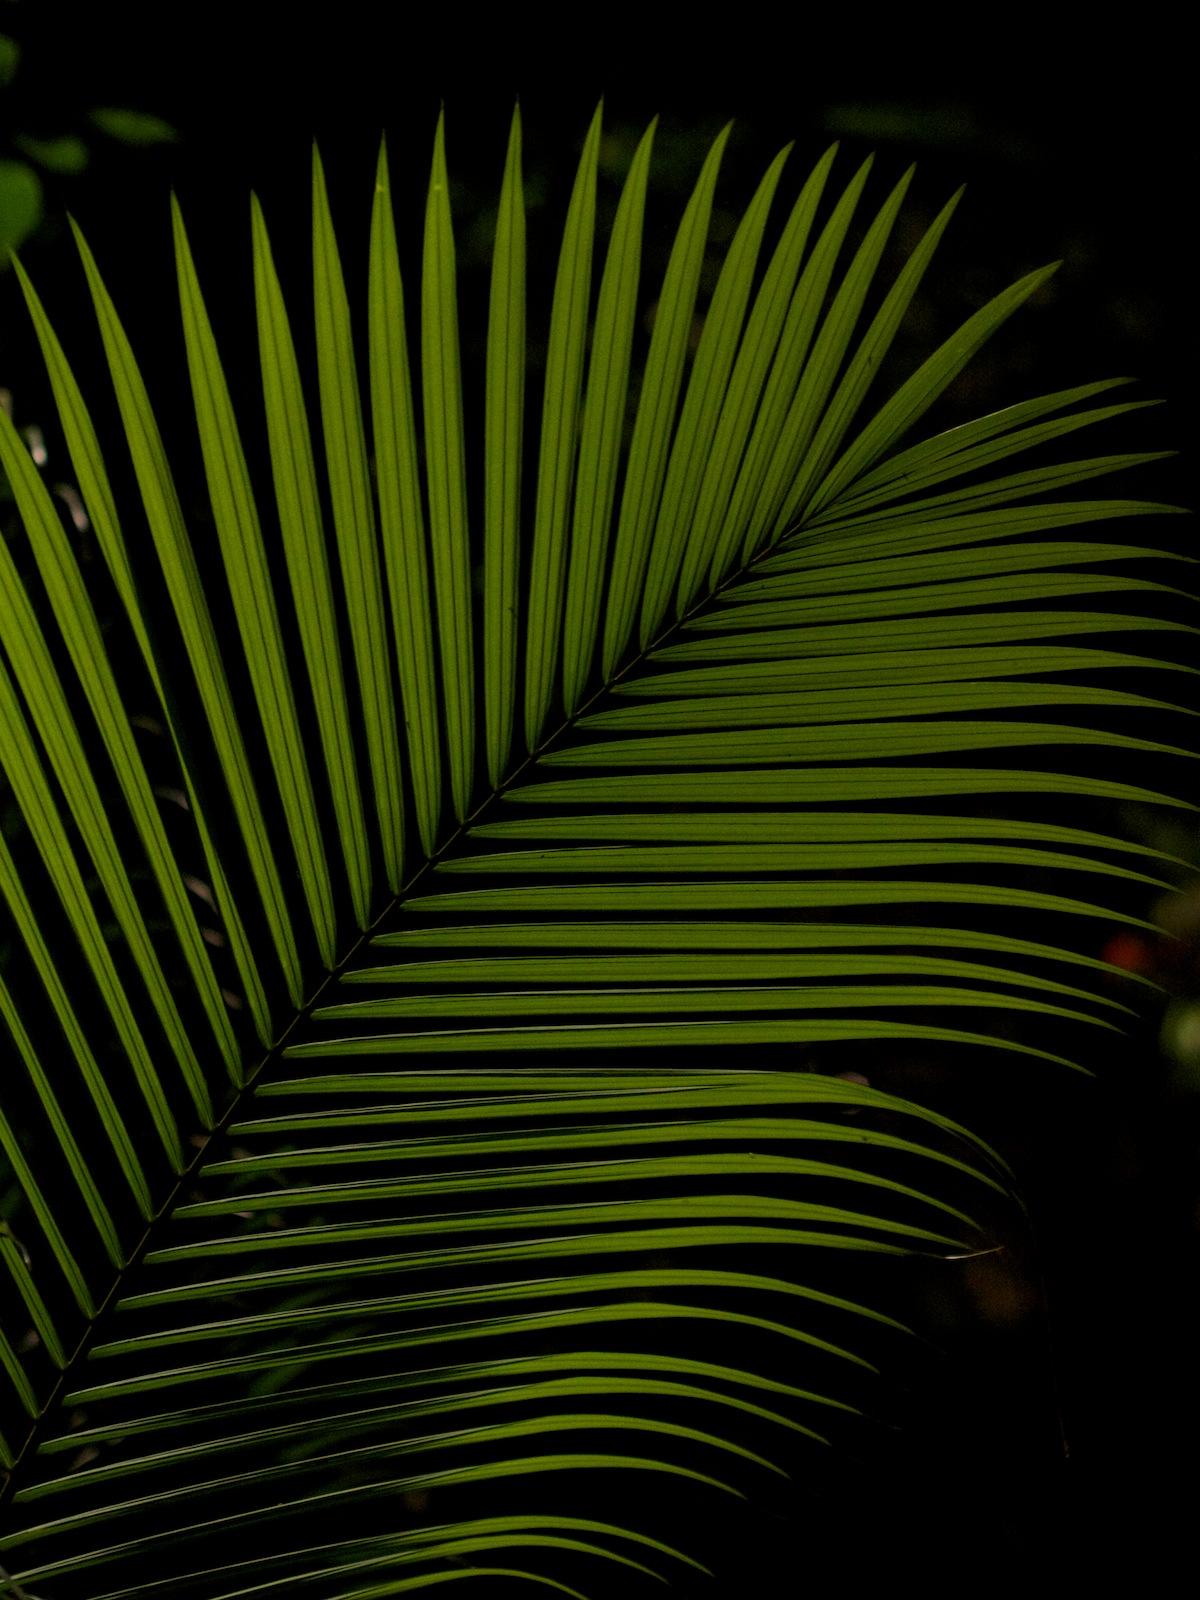 f:id:p0lar-star:20120528201950j:image